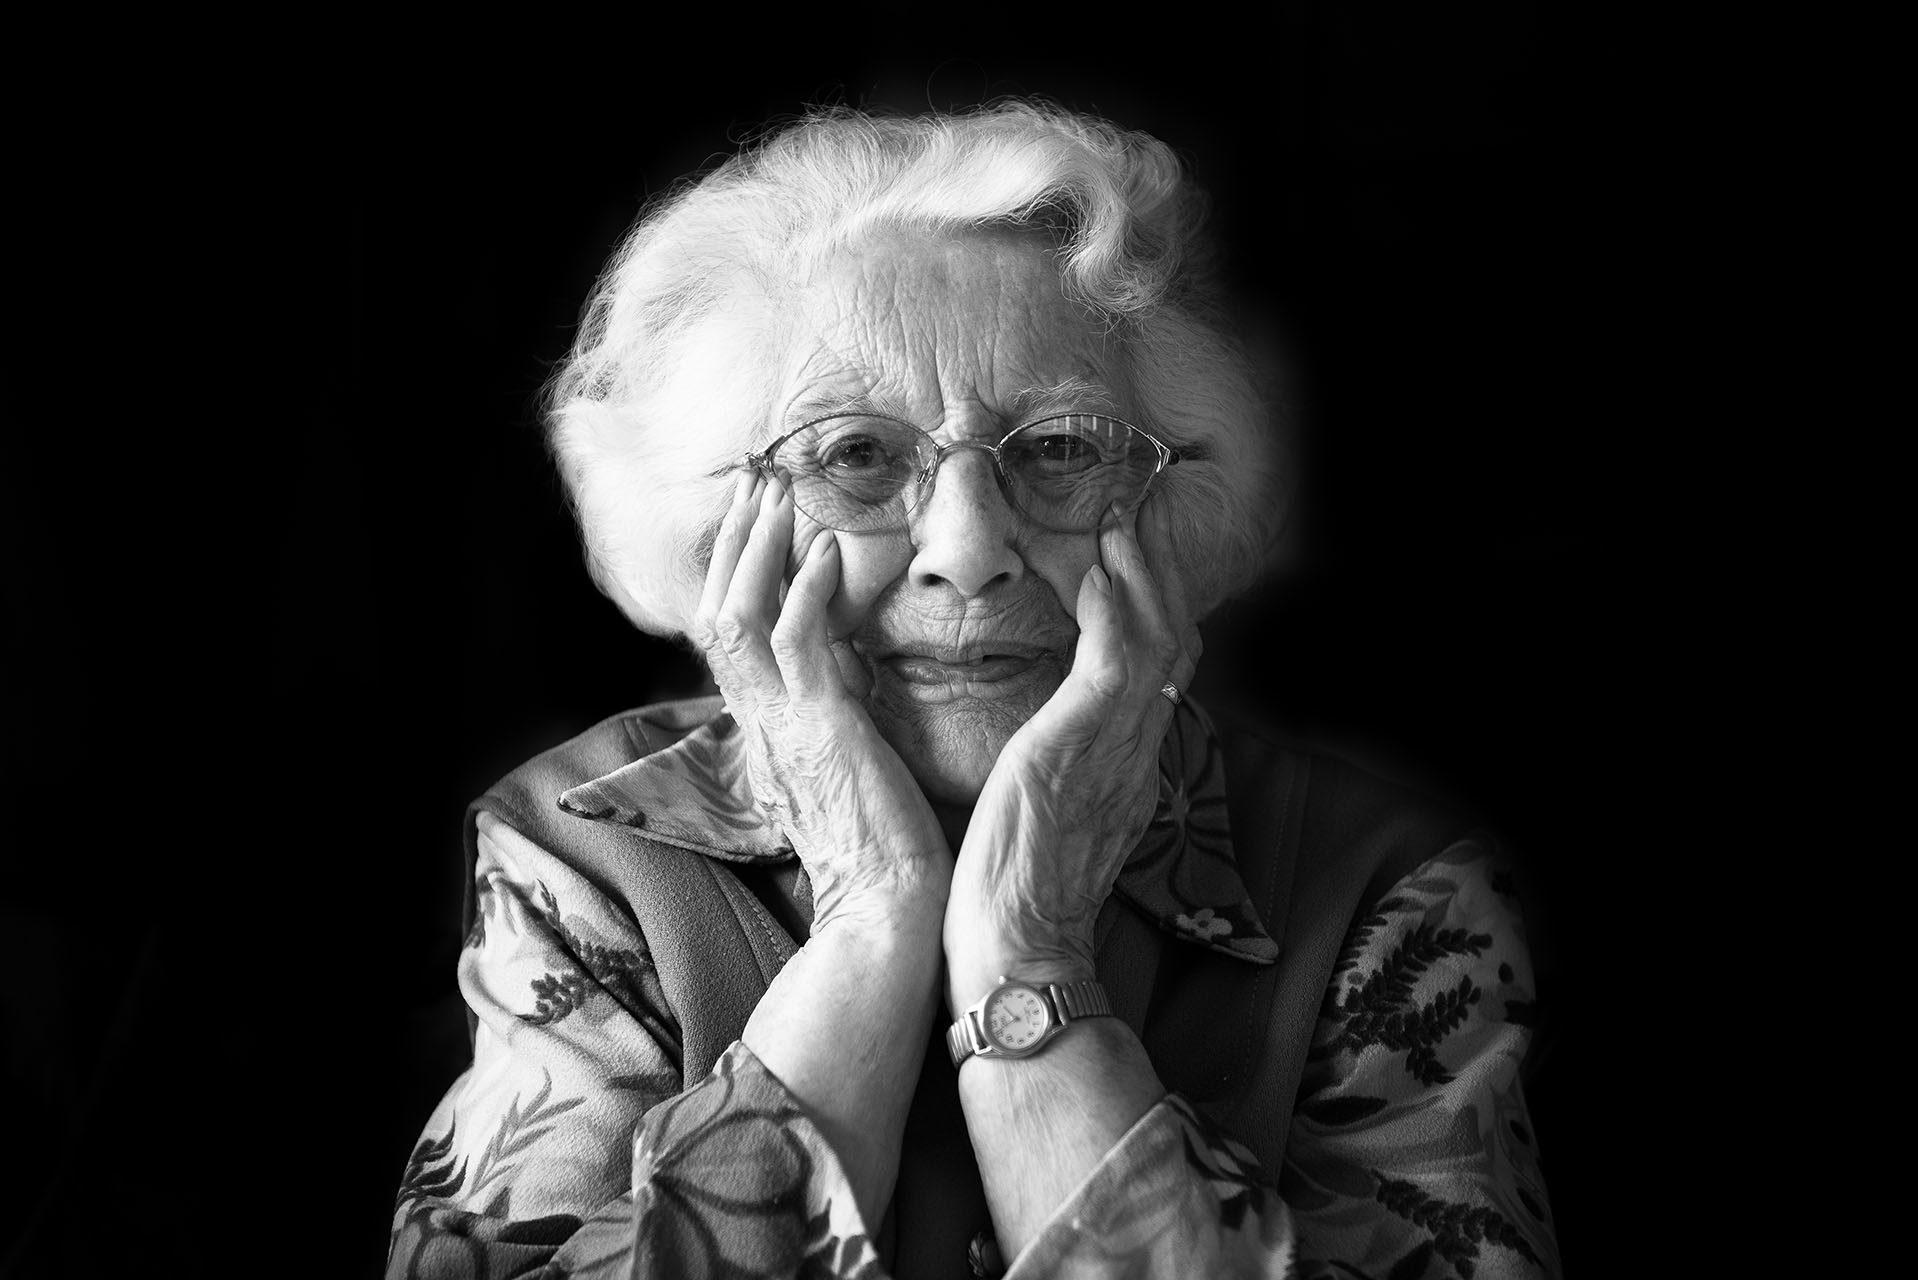 portraits-photographe-ile-de-france-des-centenaires-et-des-rose-val-de-marne-maya-angelsen